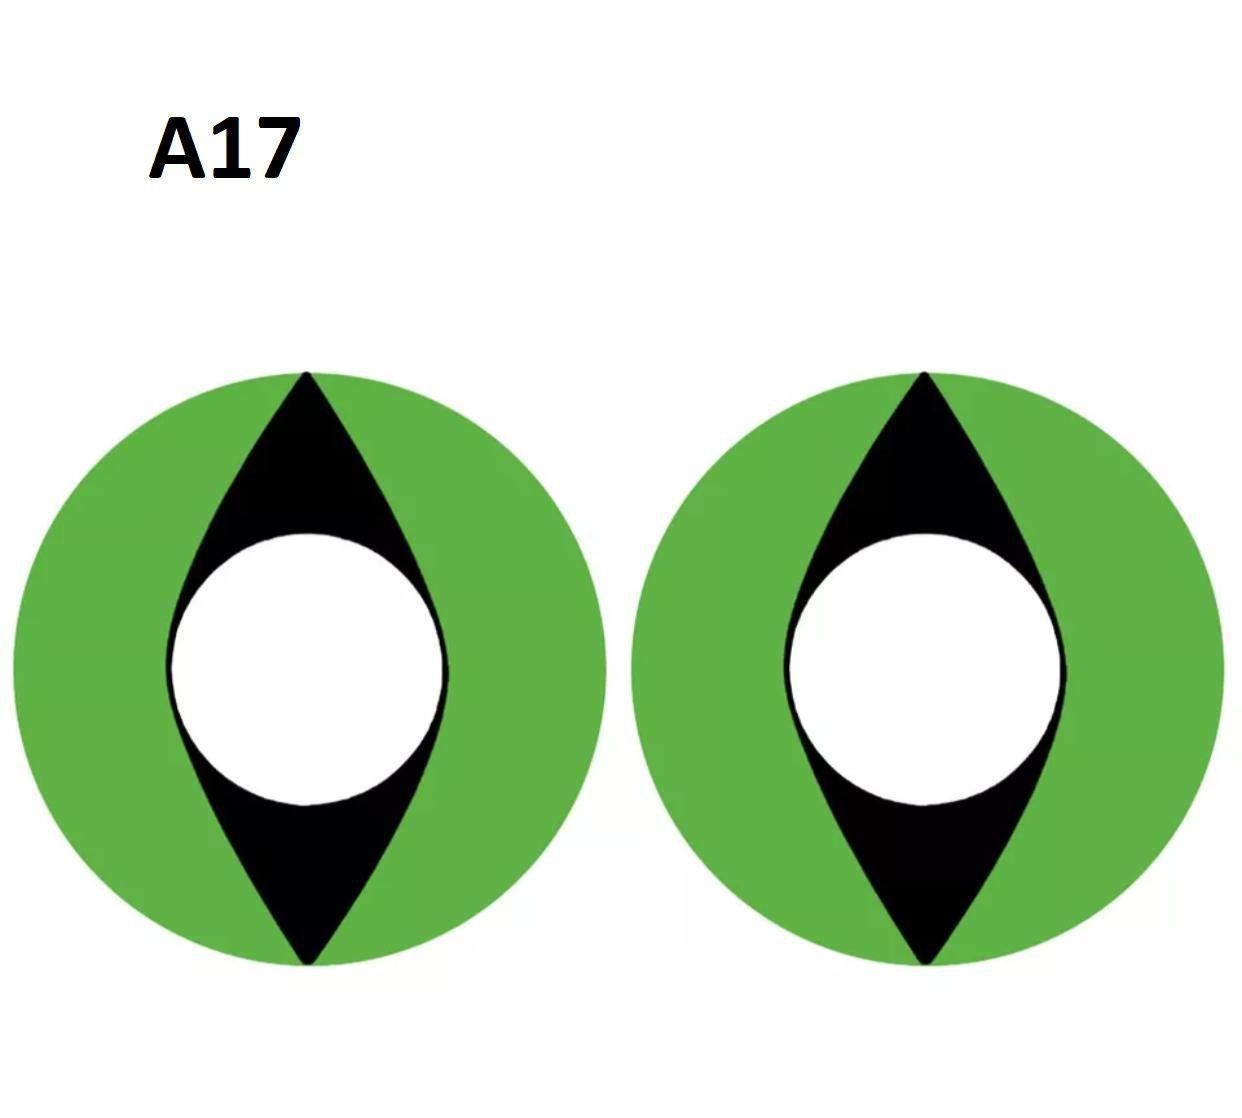 Lente de contato Verde - olho de gato (A17)